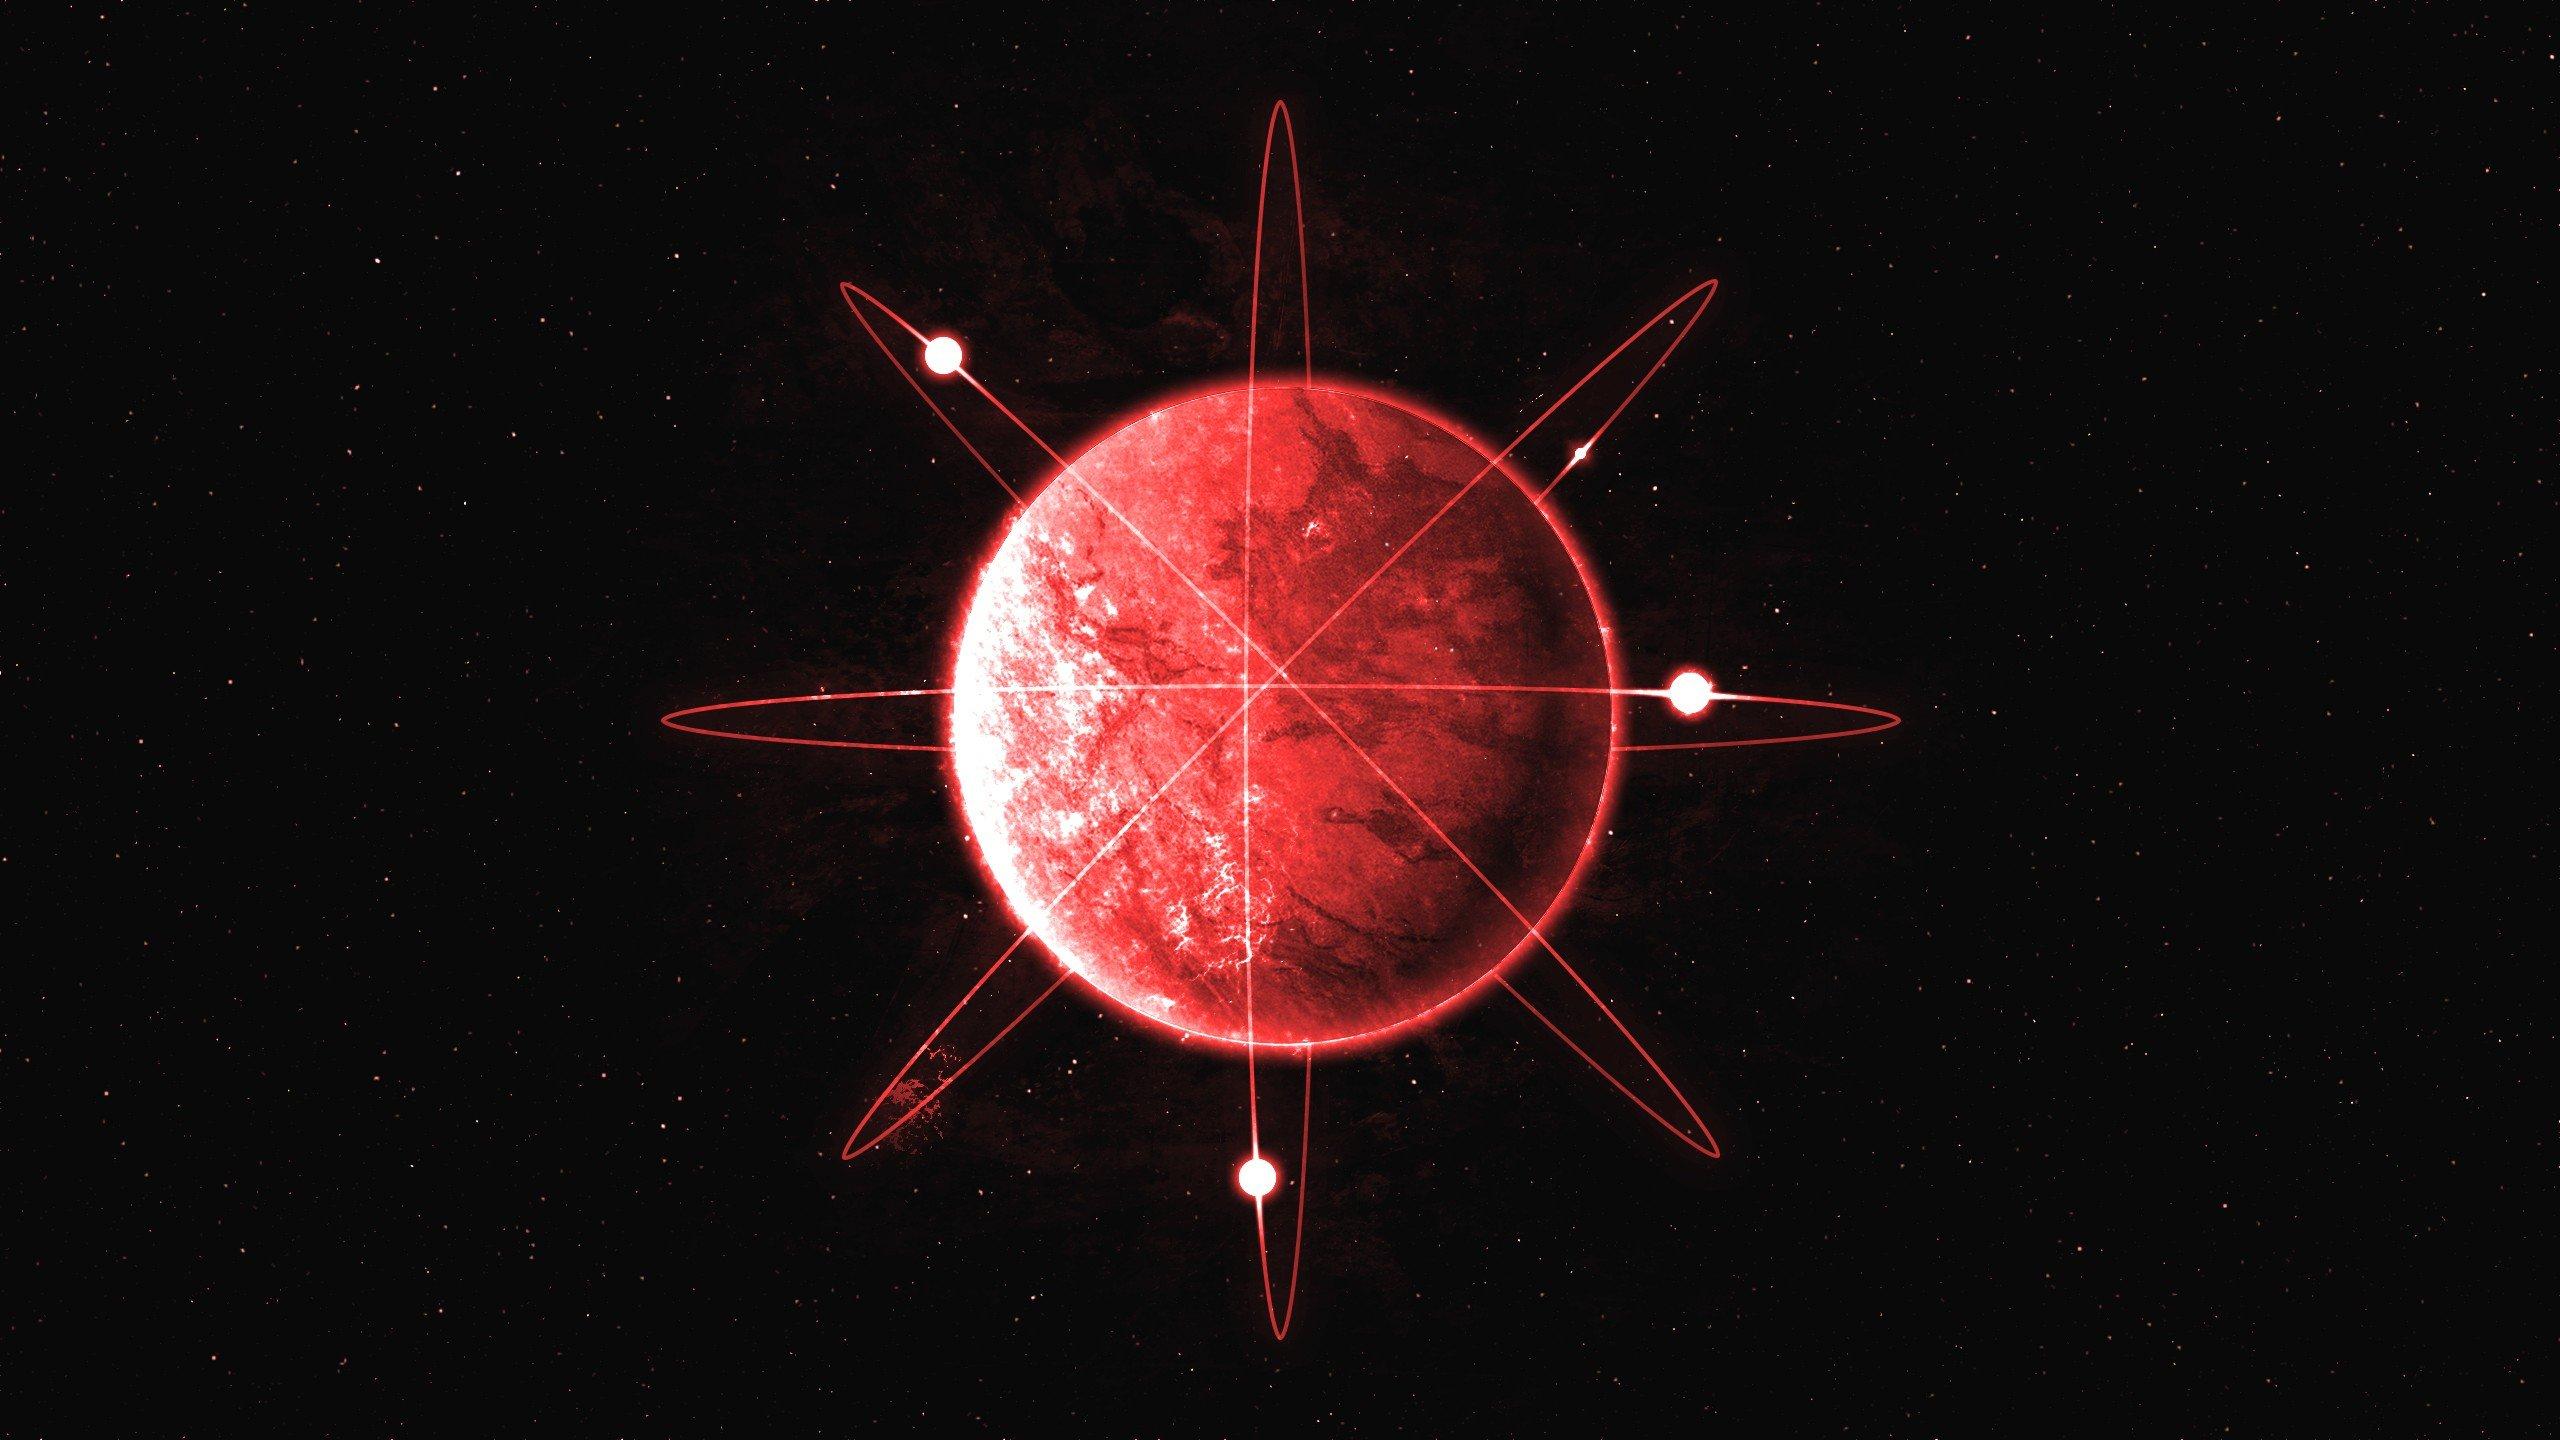 Fondos de pantalla Planeta rojo como atomo